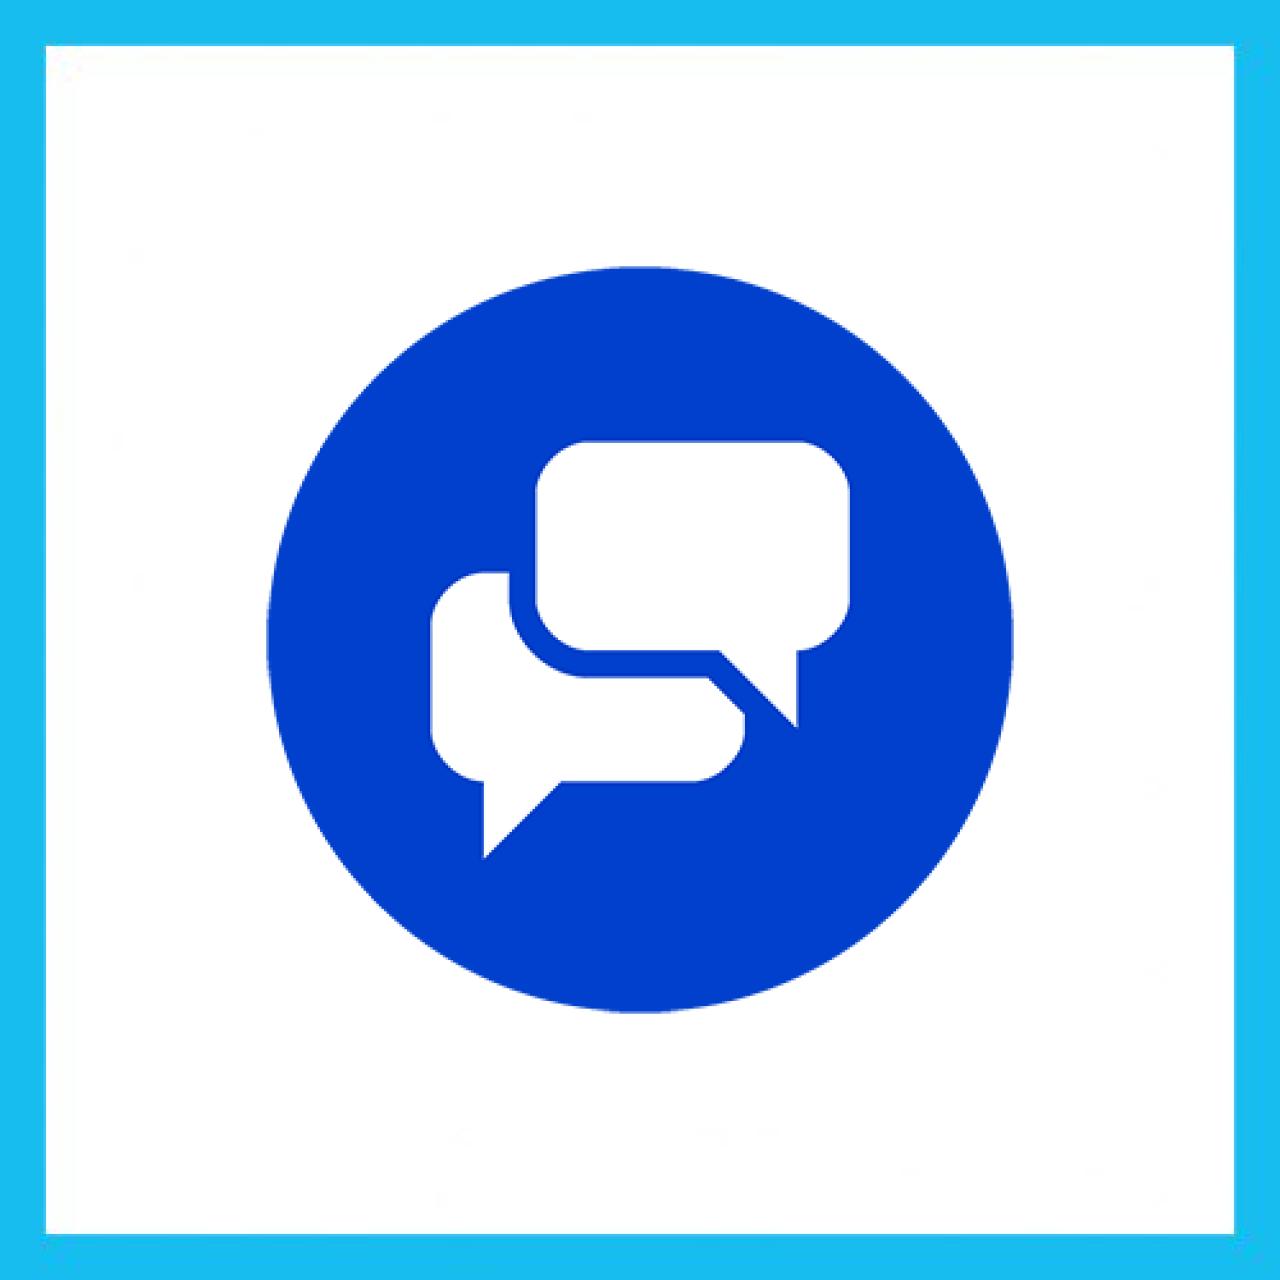 Opencart: Отзывы о товарах из категории Социальные сети, отзывы для CMS OpenCart (ОпенКарт)